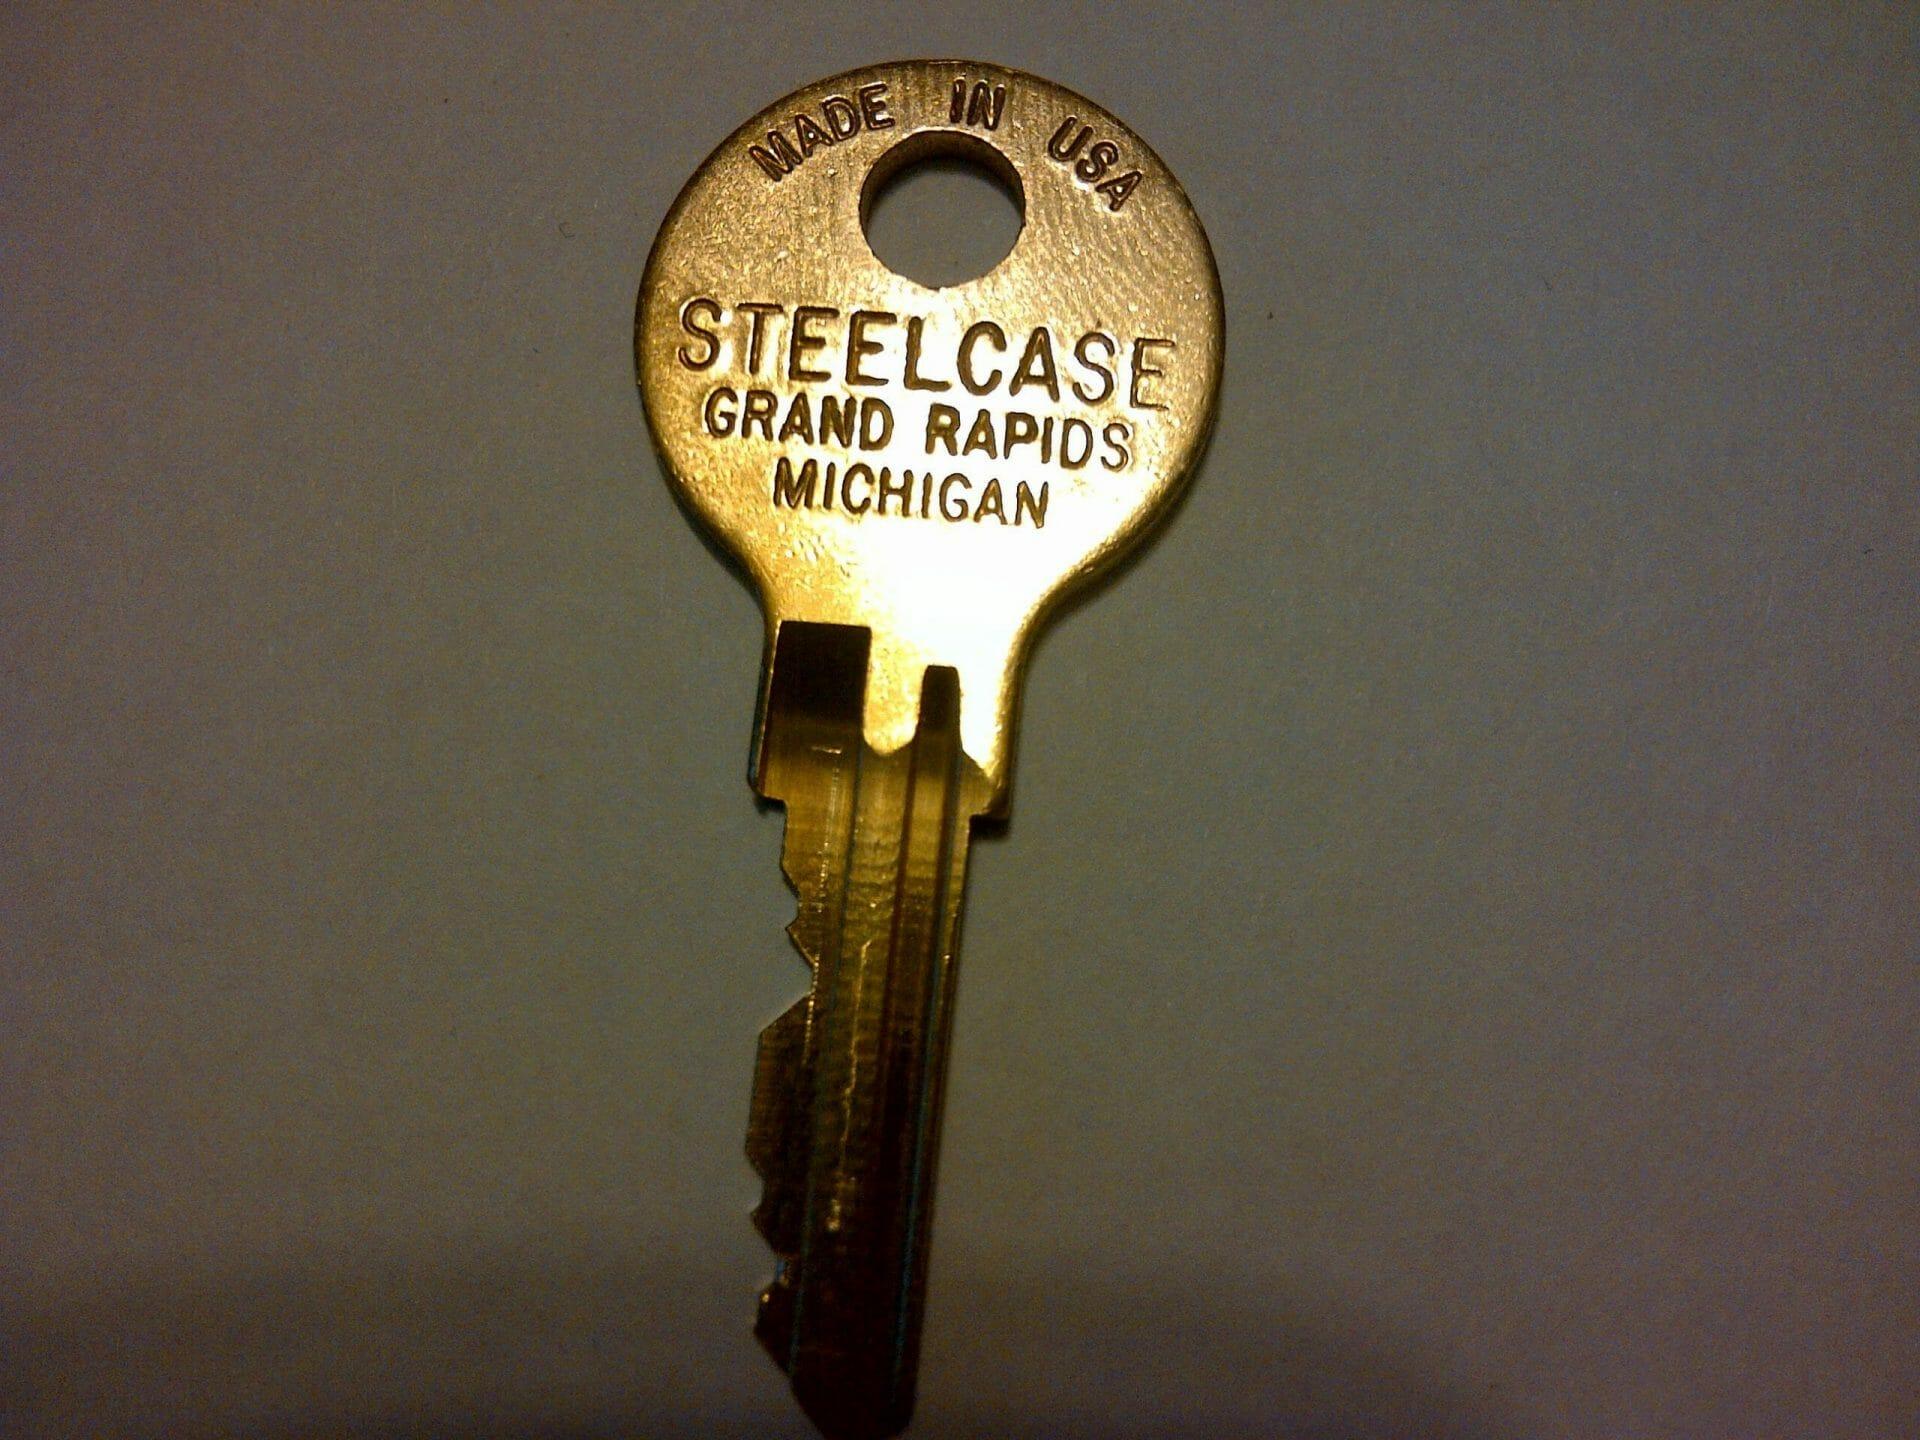 Steelcase File Cabinet Desk Key FR379